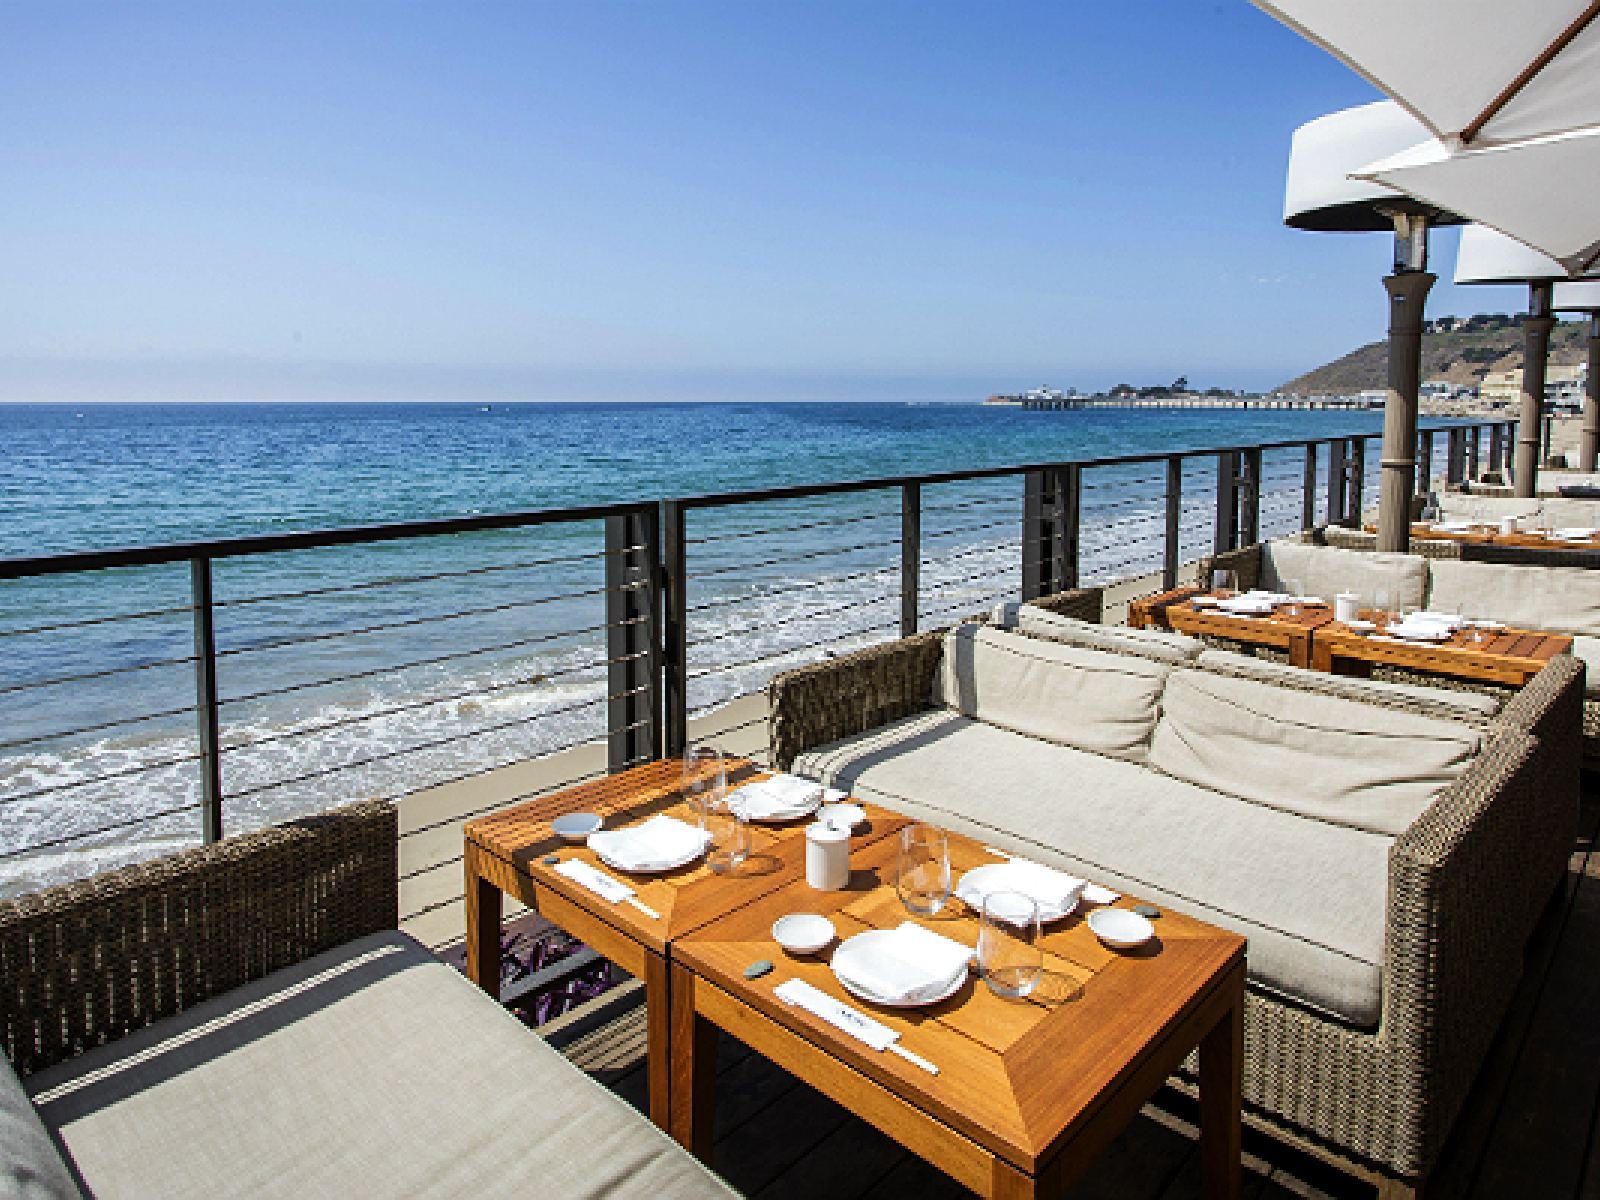 The Best Ocean View Restaurants On